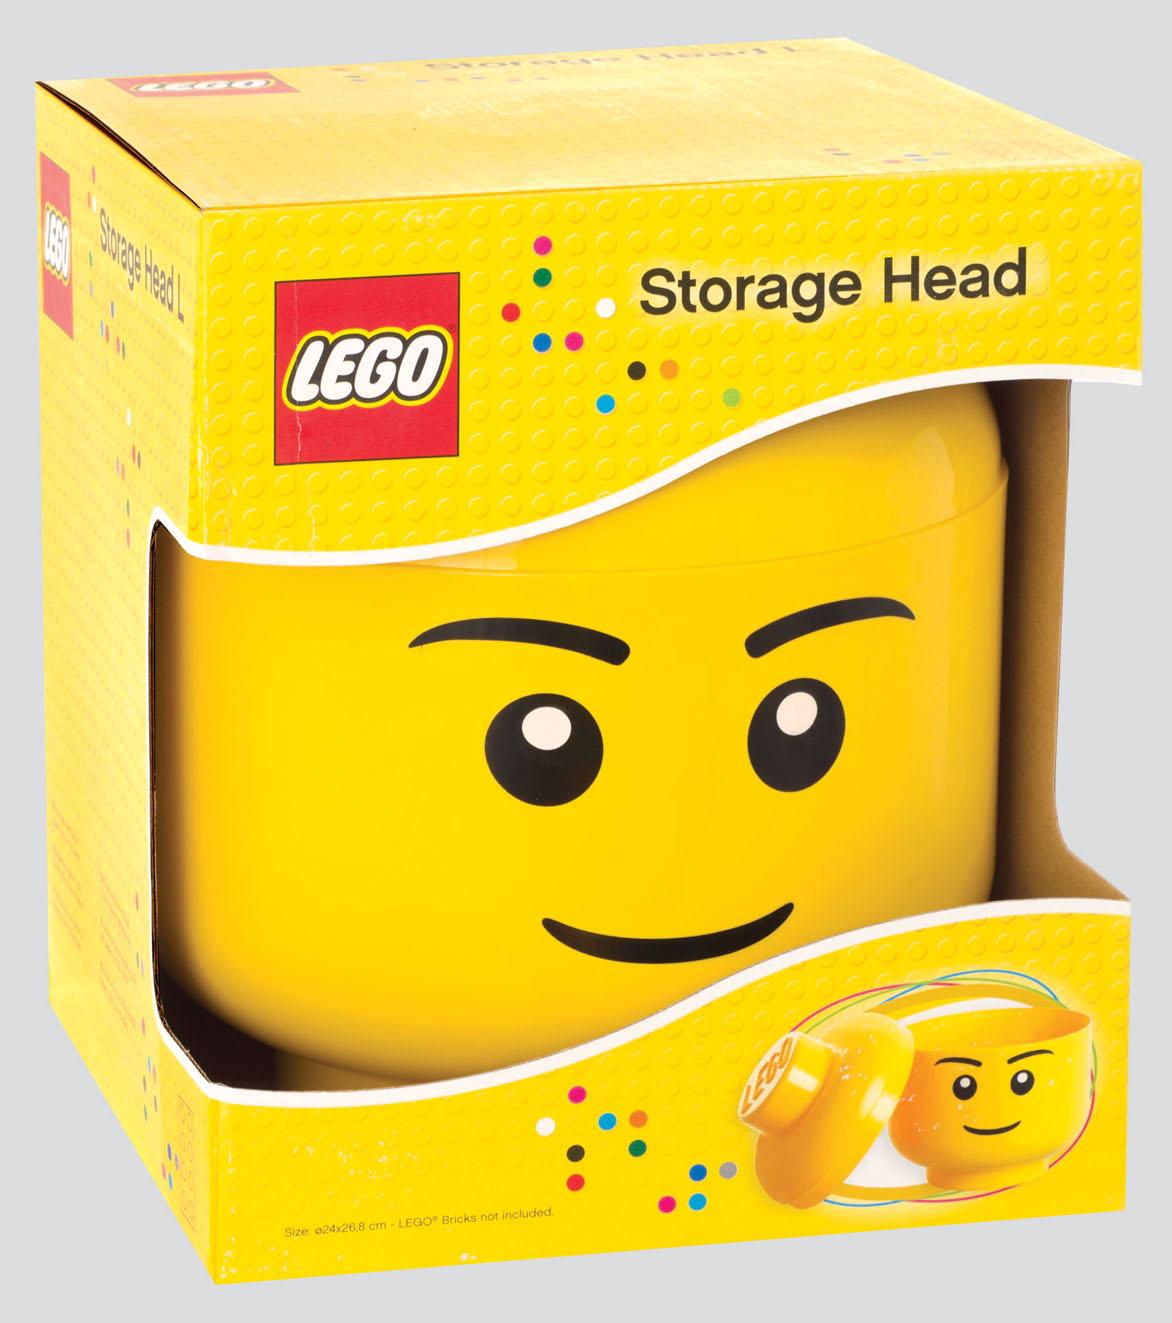 Lego Storage Head_Wk3March2014